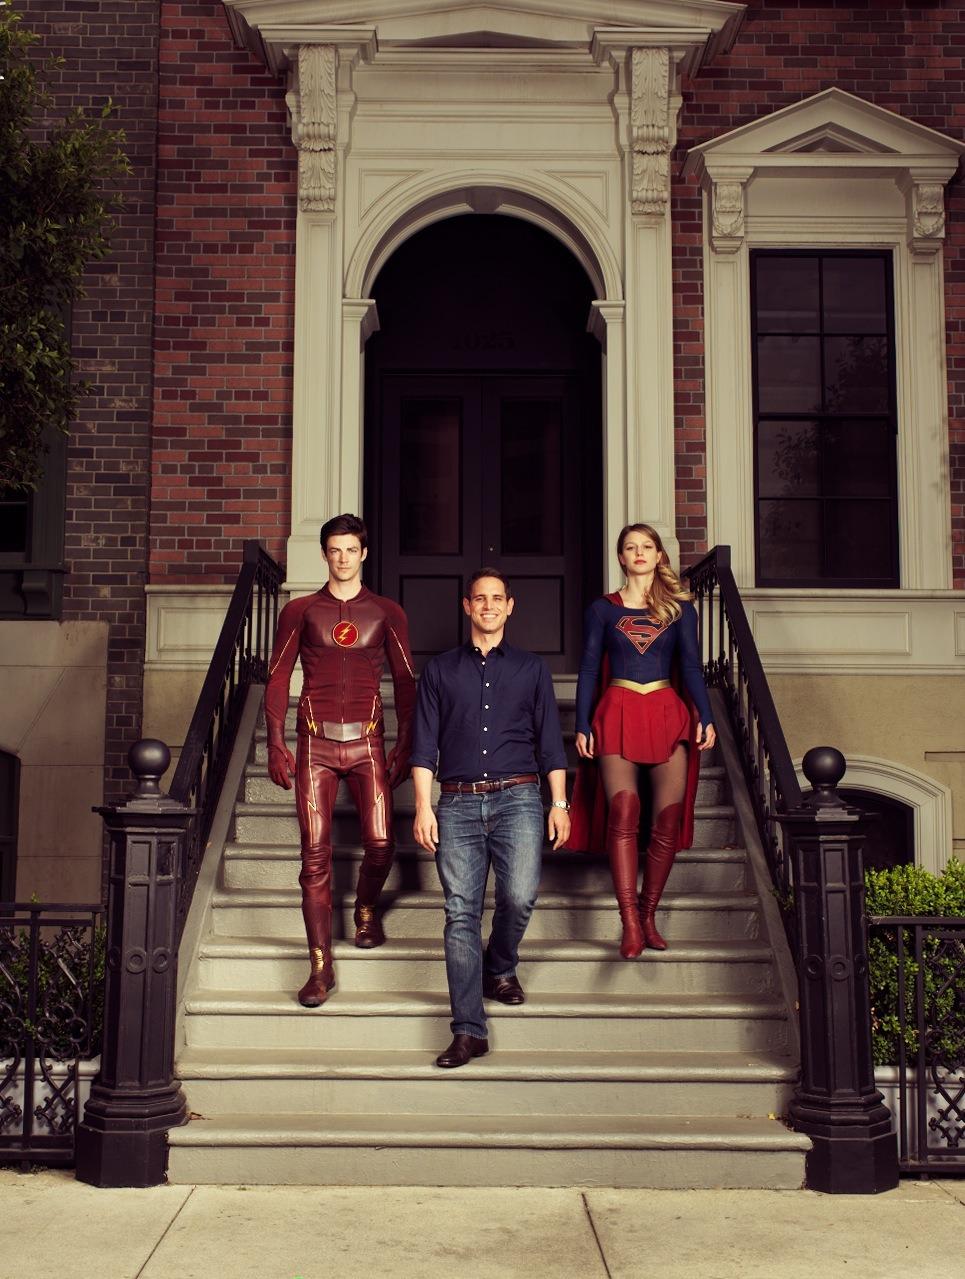 [TV] Supergirl - Irmã da Lois escolhida! - Página 8 Tumblr_nog9qyCXCc1susnhzo9_1280